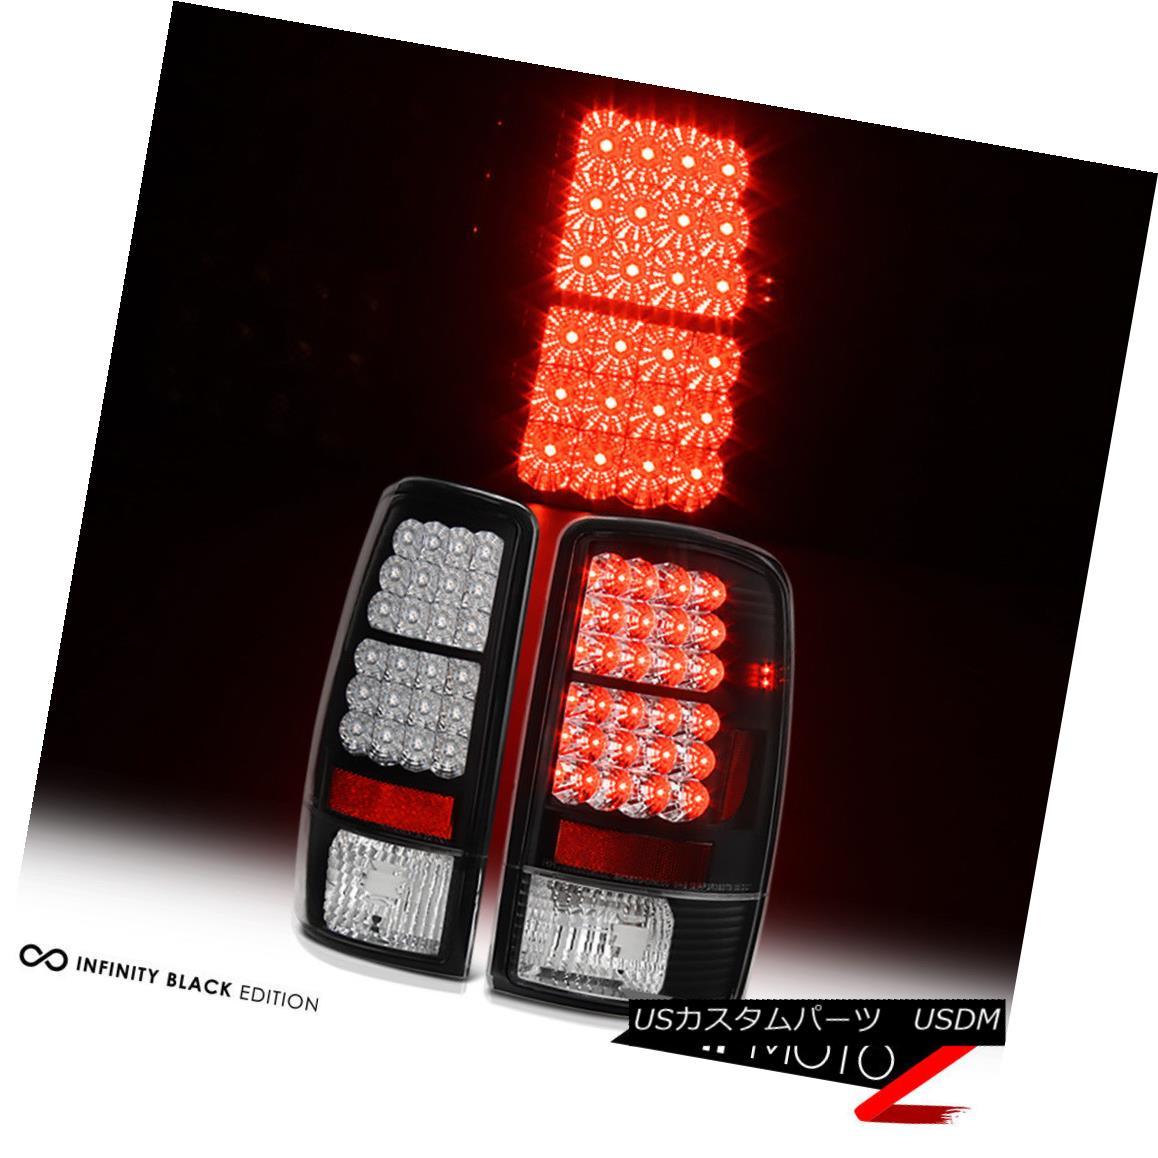 テールライト [HIGH QUALITY] 2000-2006 Suburban Tahoe Yukon XL Rear Brake LED Tail Light BLACK [高品質] 2000-2006郊外のTahoe Yukon XLリアブレーキLEDテールライトBLACK